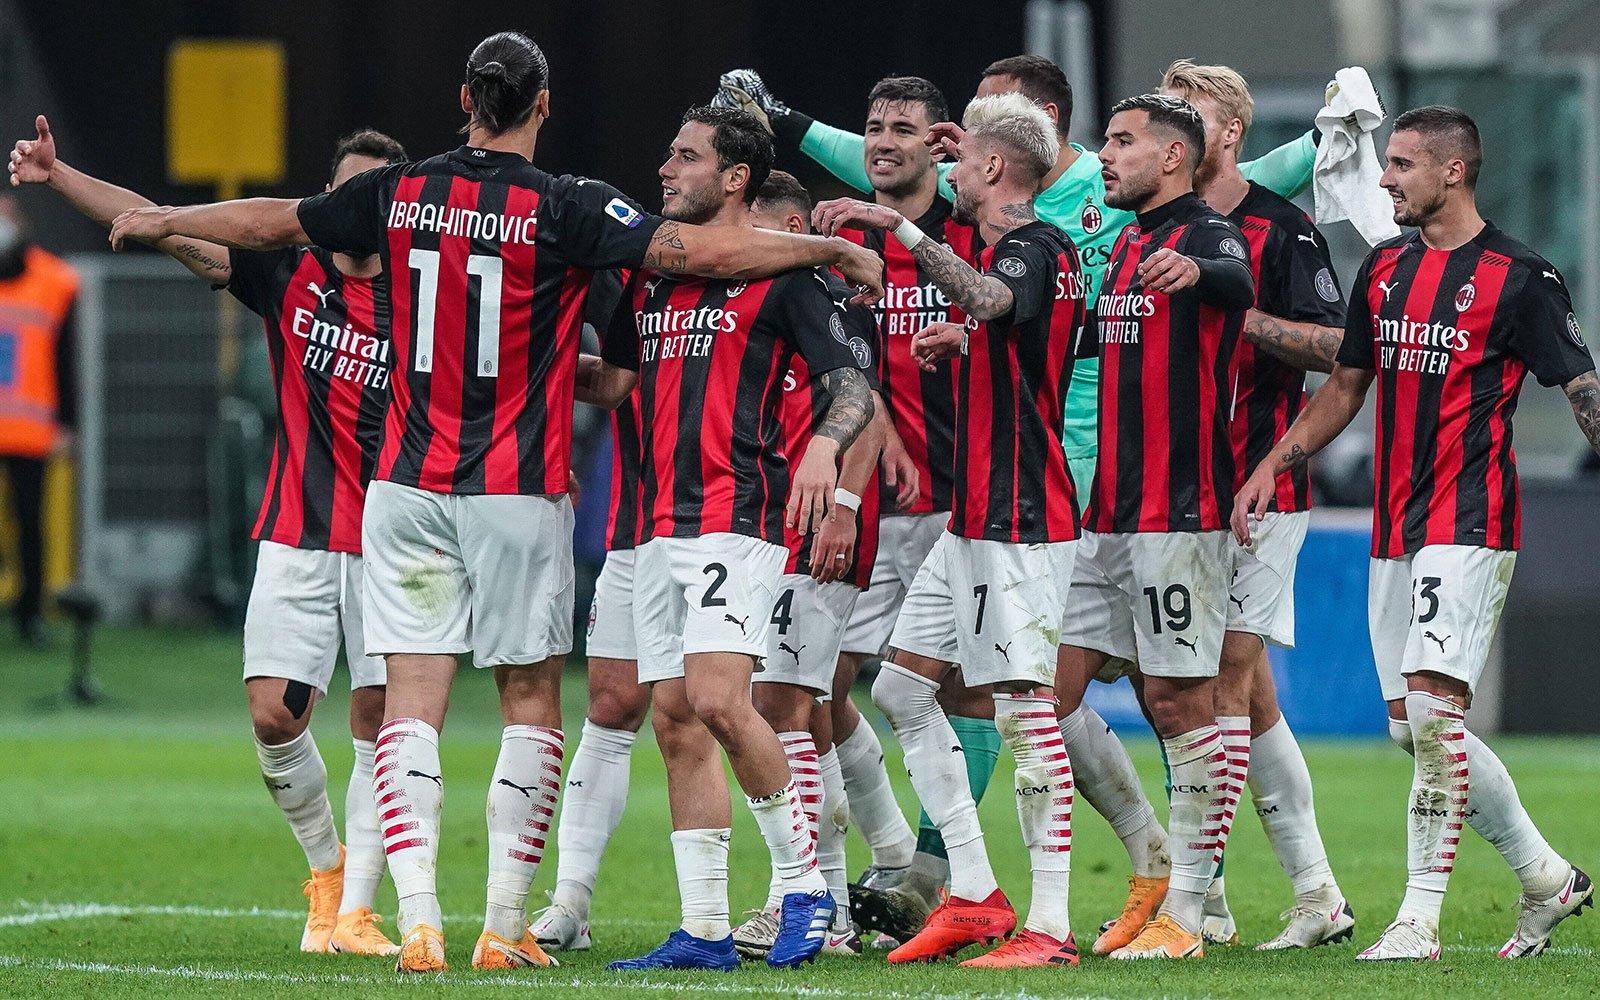 Dos zarpazos de Ibrahimovic dan el triunfo al Milán sobre el Inter (1-2)